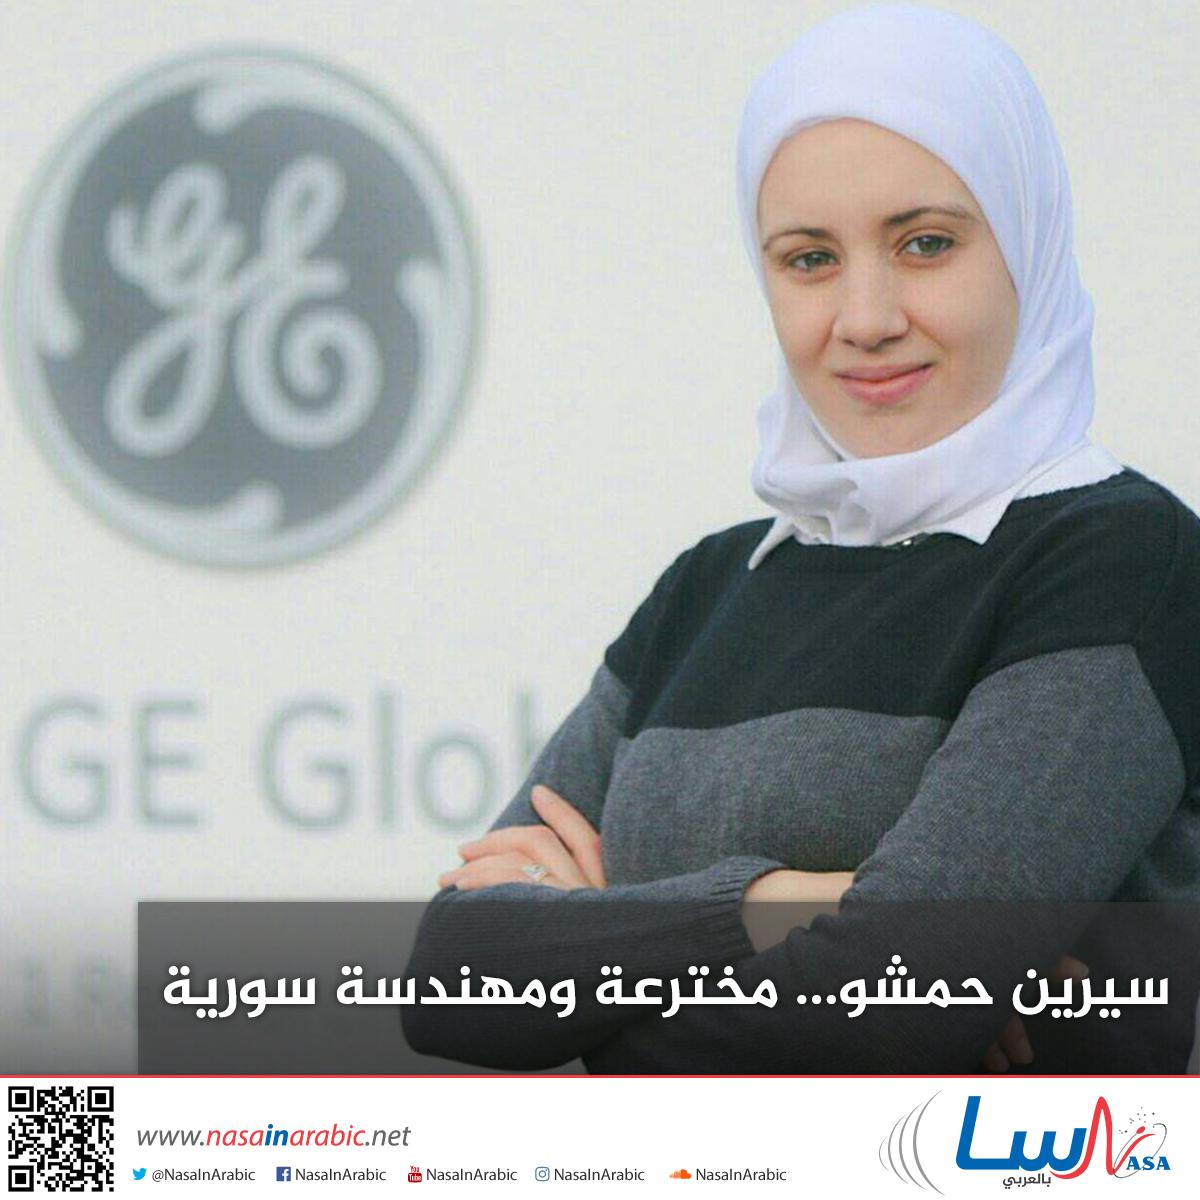 سيرين حمشو مخترعة ومهندسة سورية